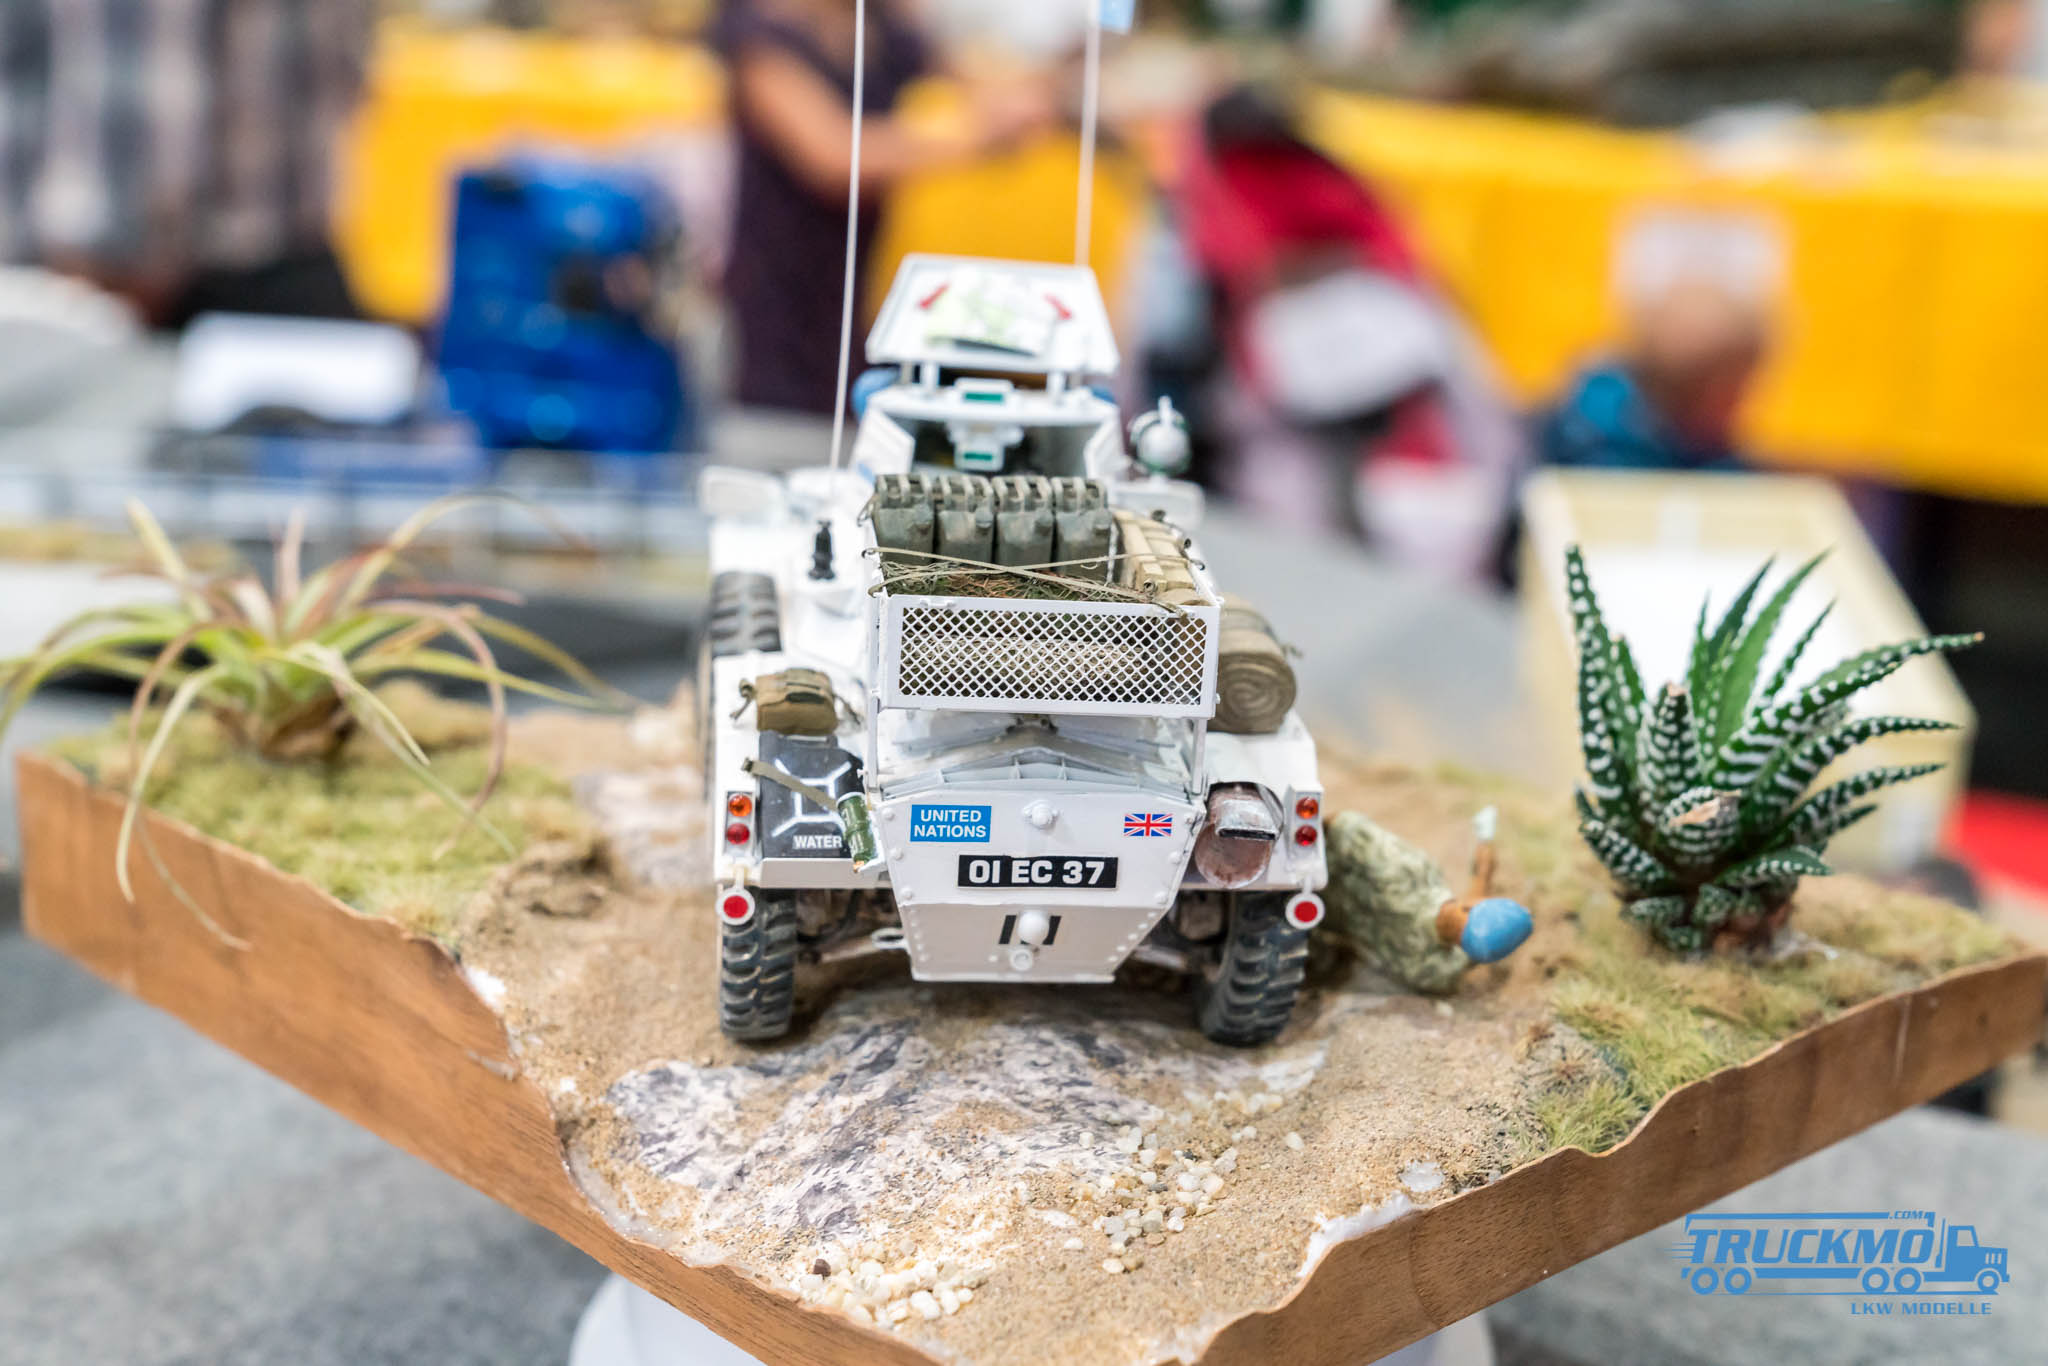 Truckmo_Modellbau_Ried_2017_Herpa_Messe_Modellbauausstellung (438 von 1177)